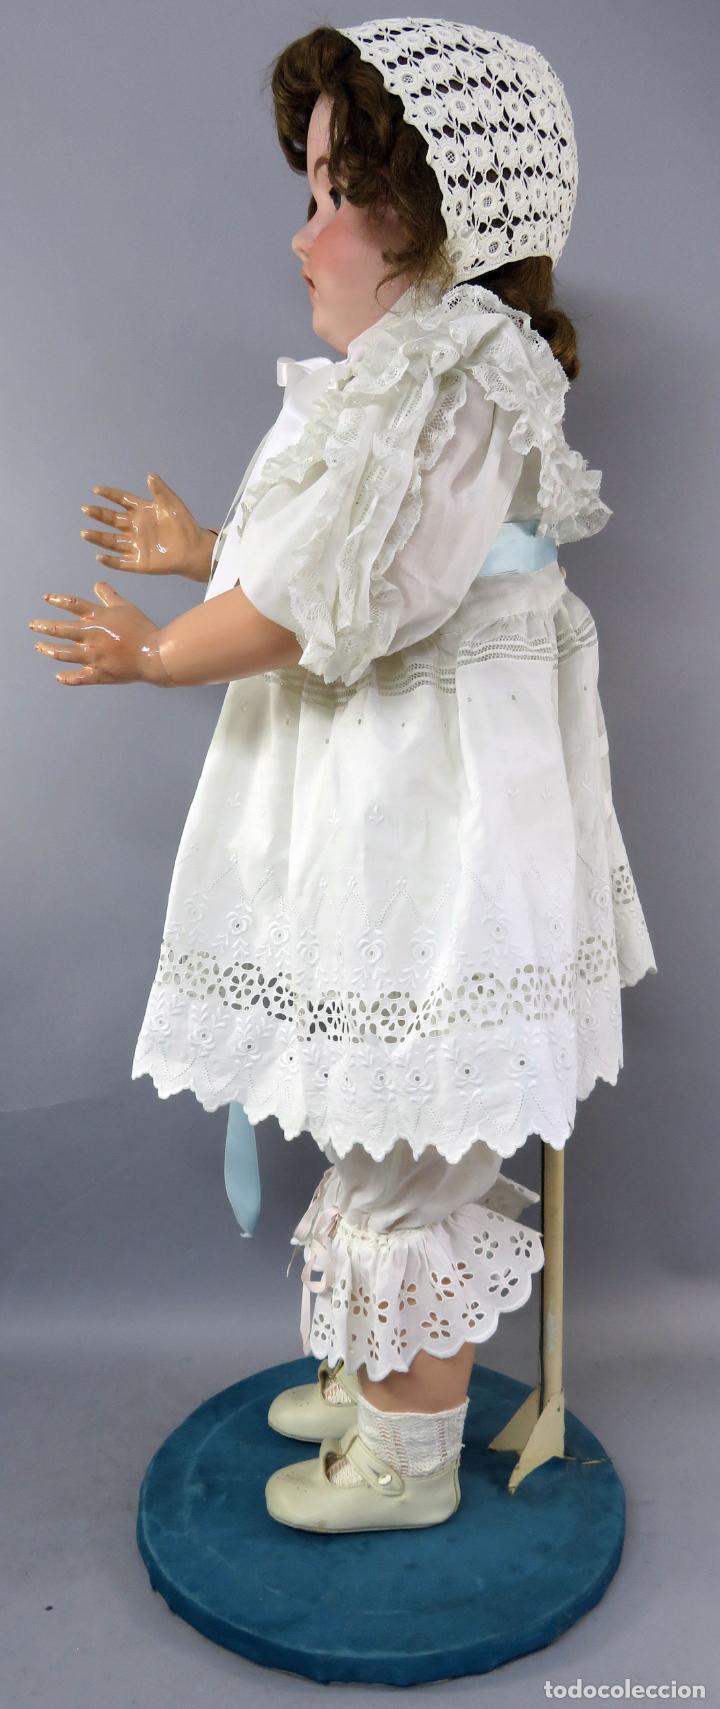 Muñecas Porcelana: Muñeca cabeza porcelana cuerpo madera articulado marca nuca 444 16 ojo durmiente 80 cm alto - Foto 5 - 223485392